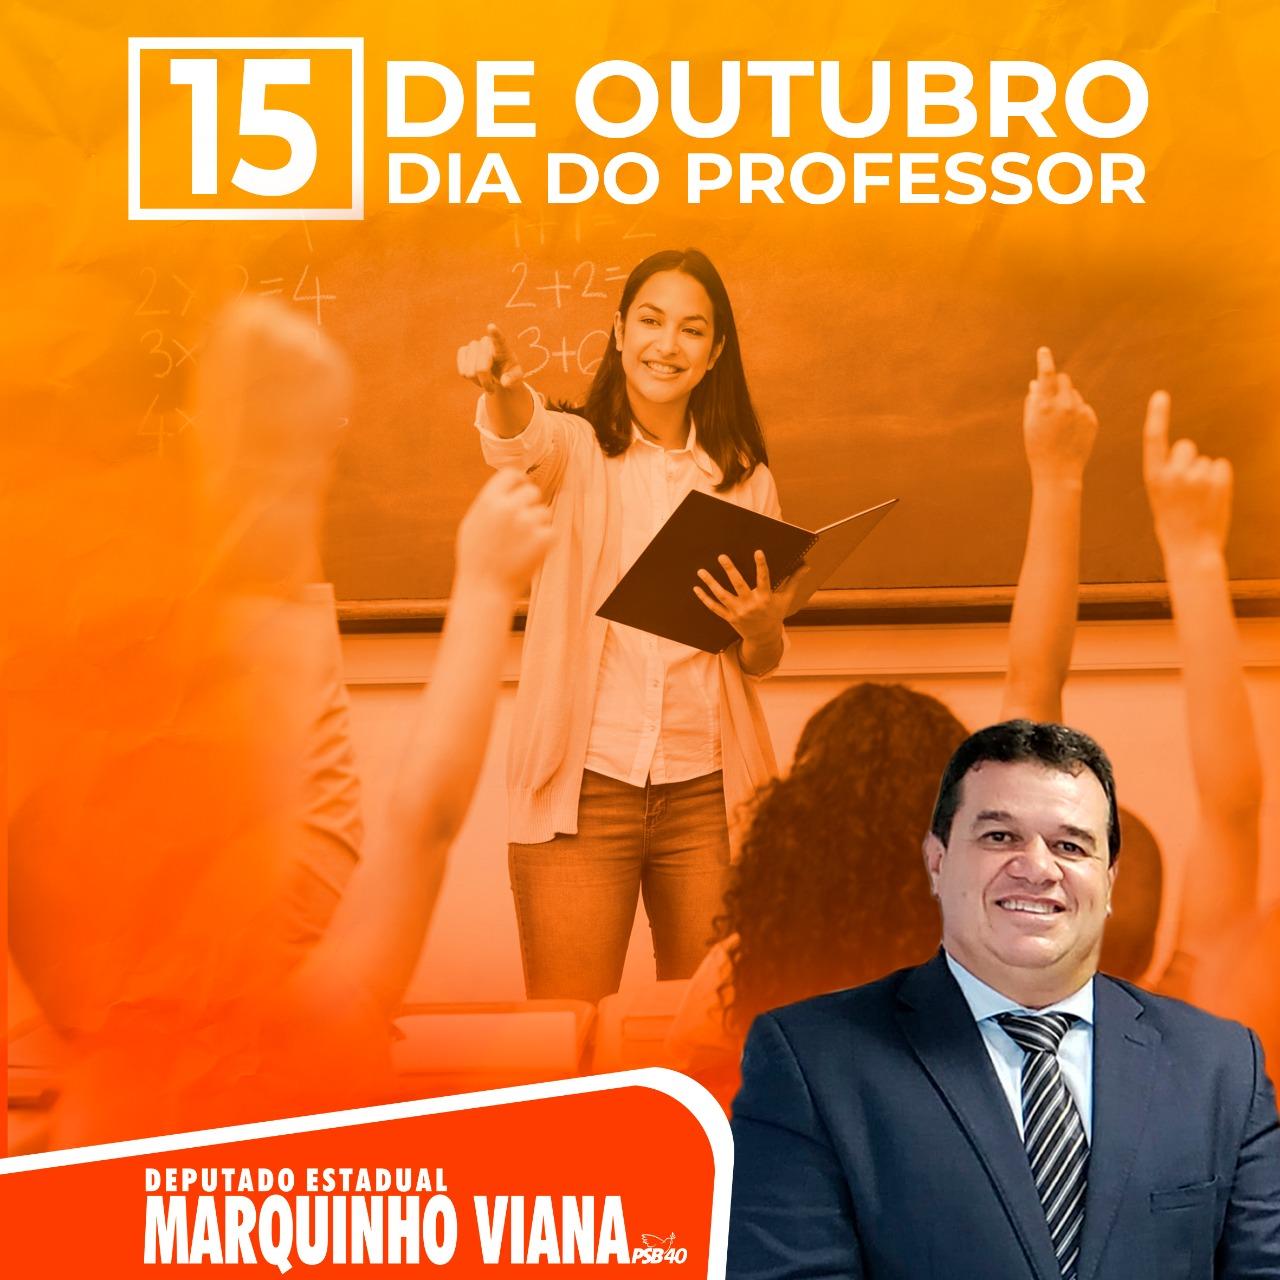 Deputado Marquinho Viana parabeniza o Dia do Professor neste 15 de outubro